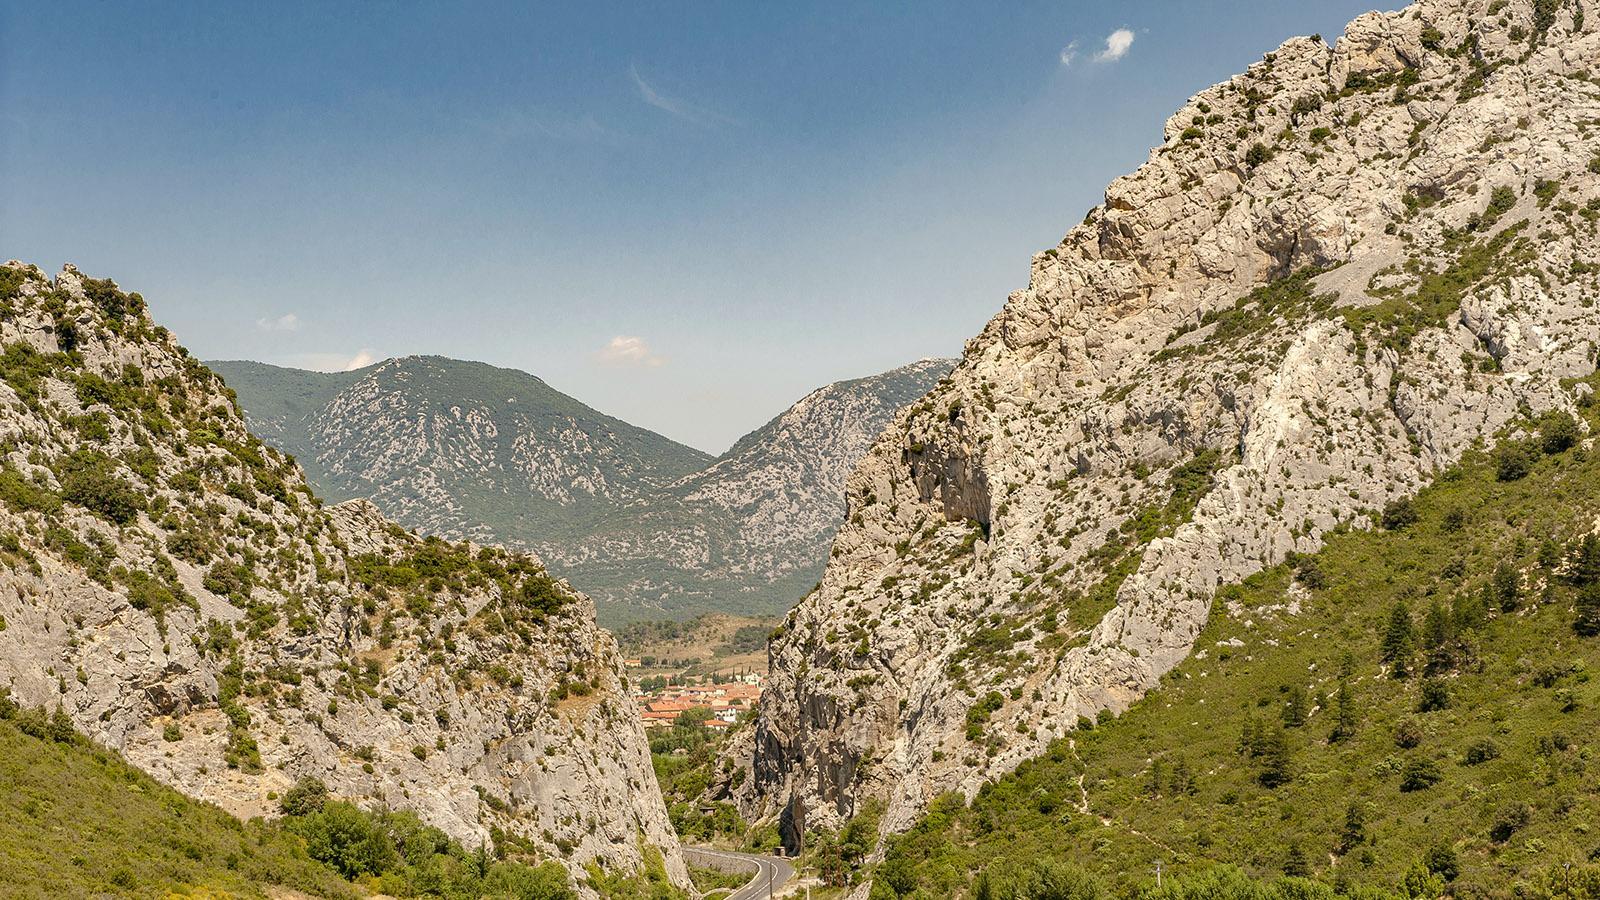 Fenouilledes: Auf der rechten Flanke der Chaîne de Lesquerde führt die Via Ferrata hinauf bis zum Kamm. Foto: Hilke Maunder